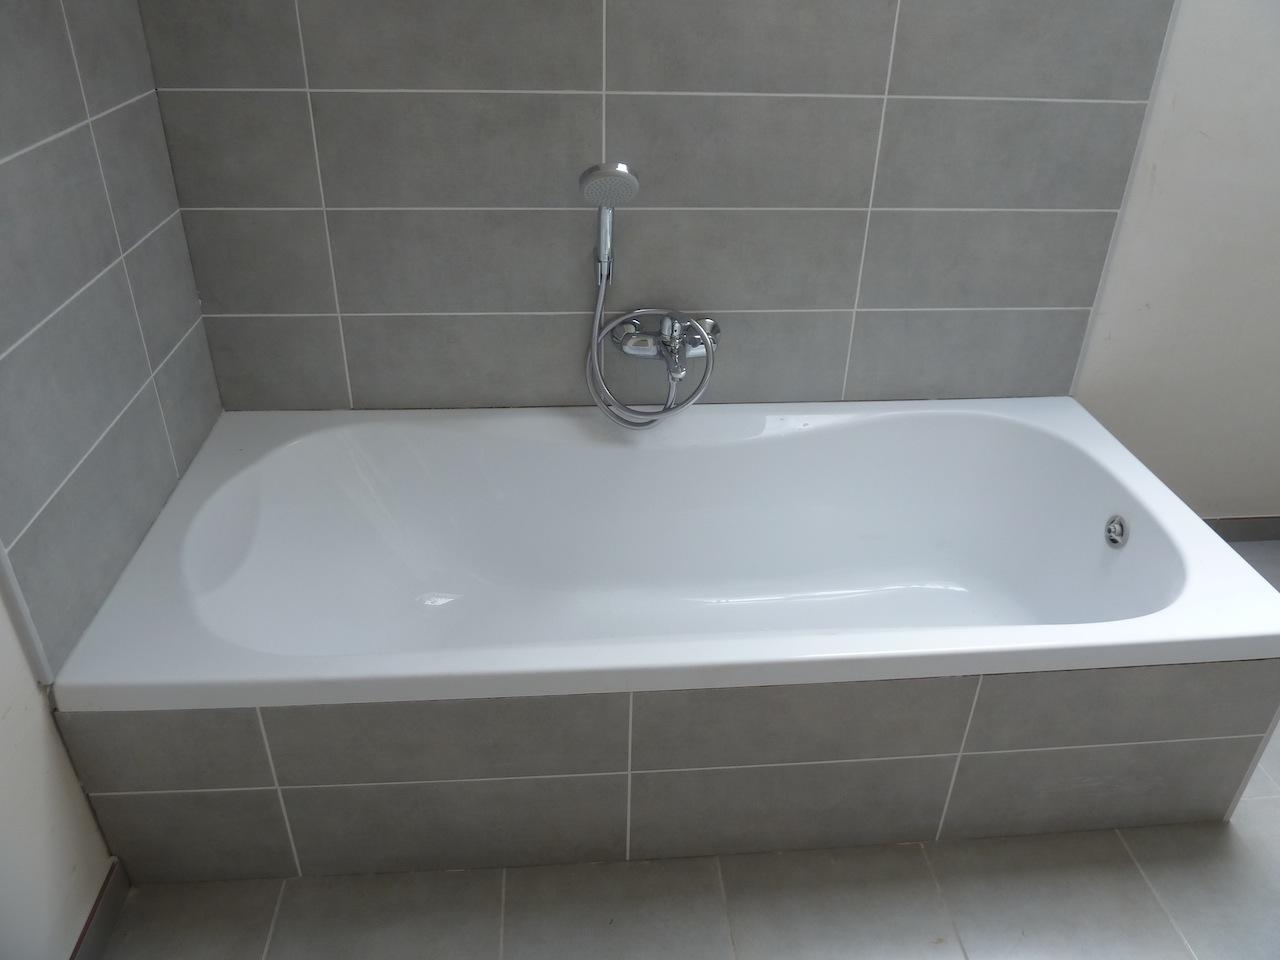 changer robinet baignoire fuite robinet baignoire forum plomberie sanitaires remplacer un. Black Bedroom Furniture Sets. Home Design Ideas